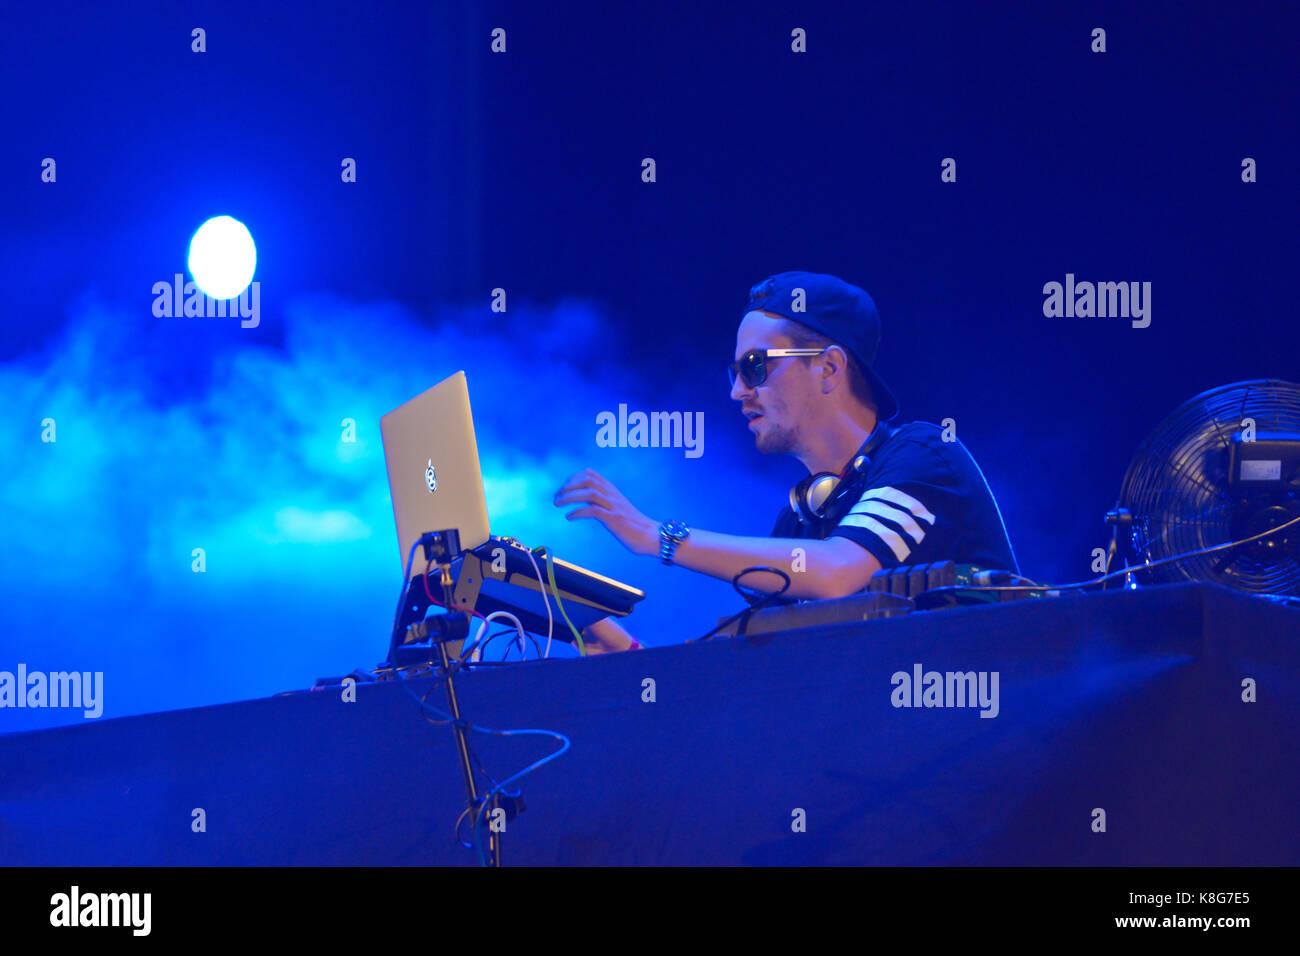 Robin Schulz, DJ y productor alemán, en la península de Waddington en Rouen en ocasión de los conciertos Imagen De Stock